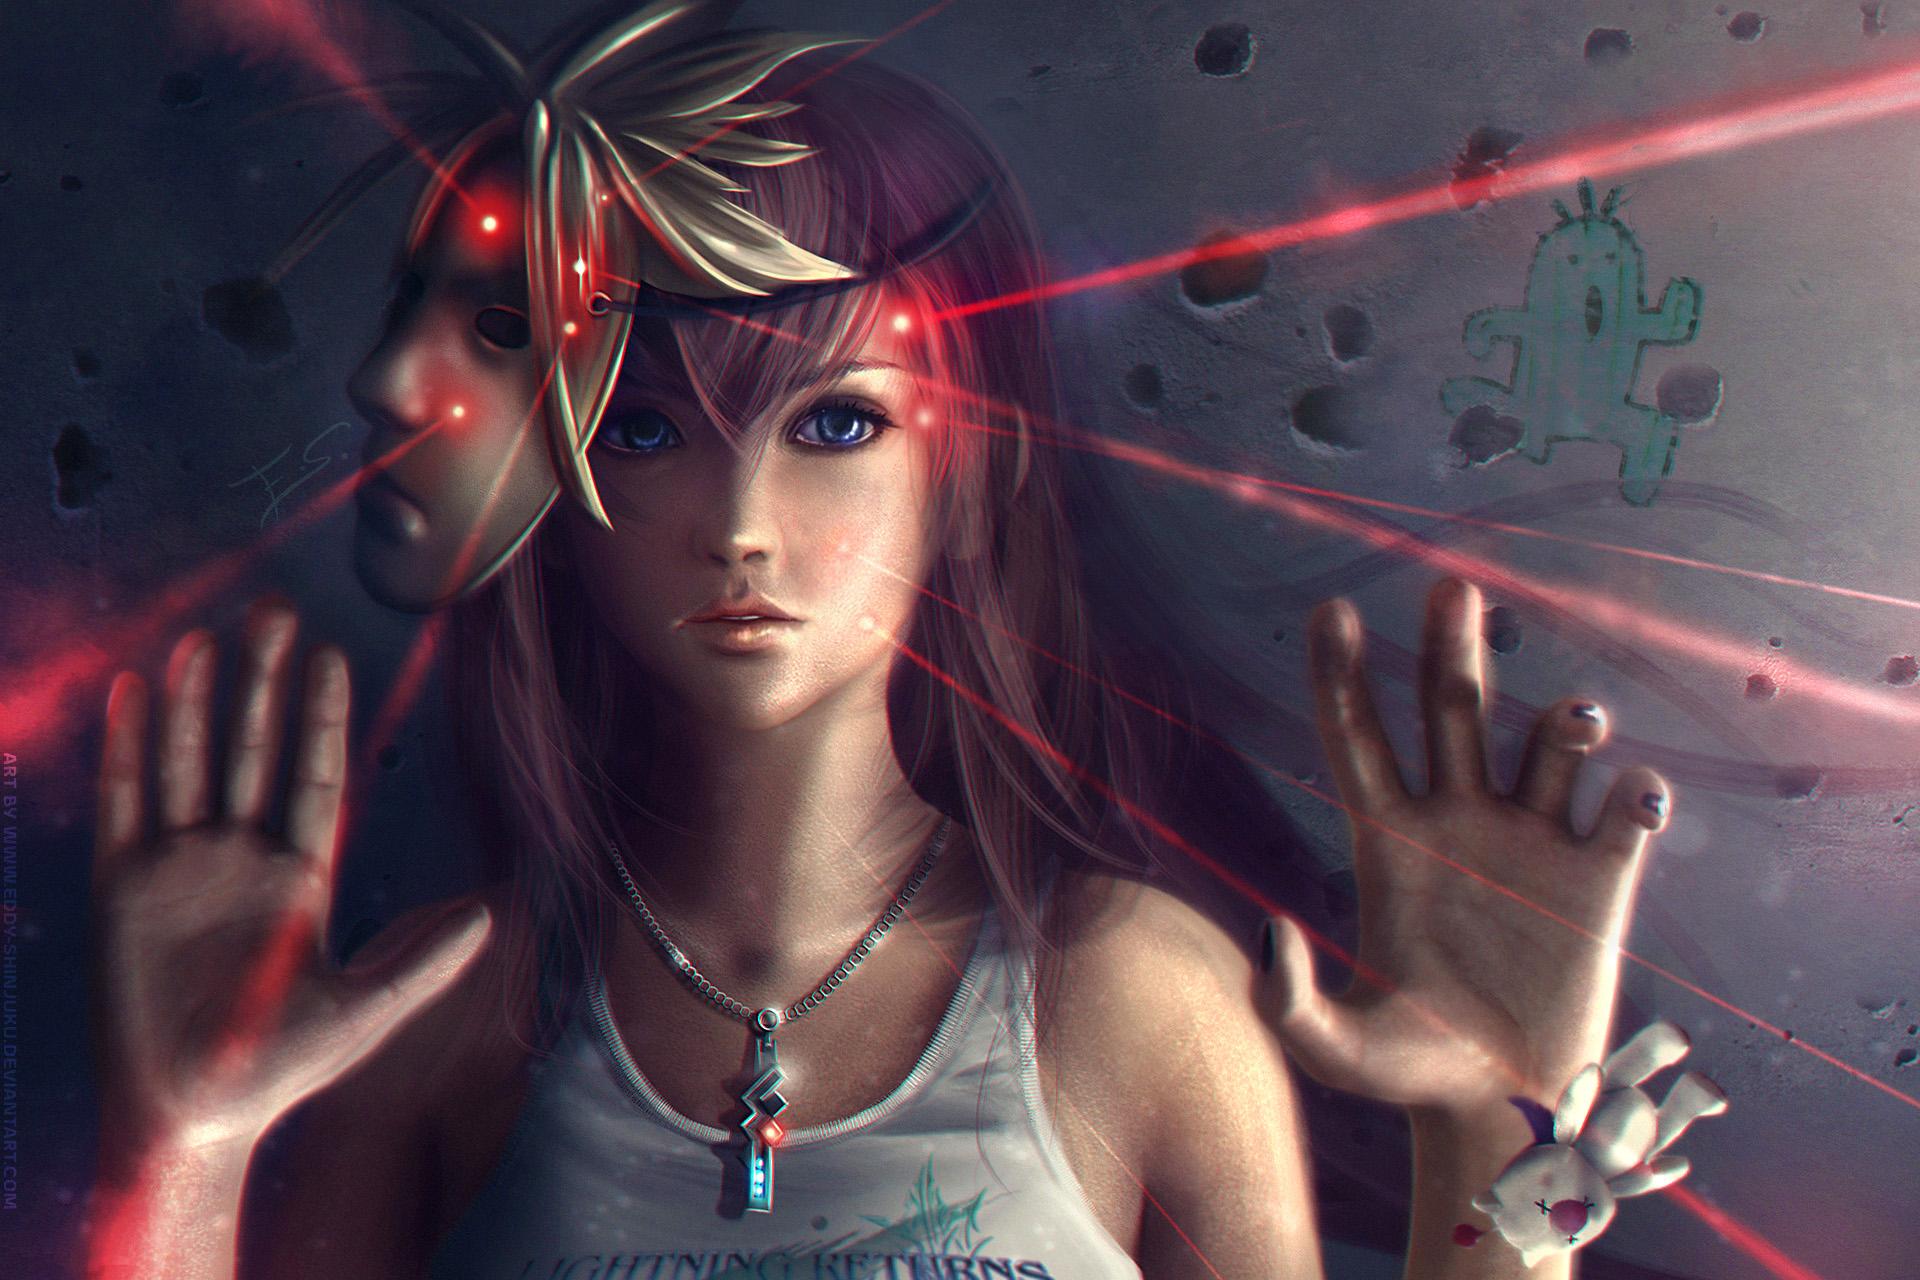 Lightning Farron Final Fantasy Xiii Image 1633490